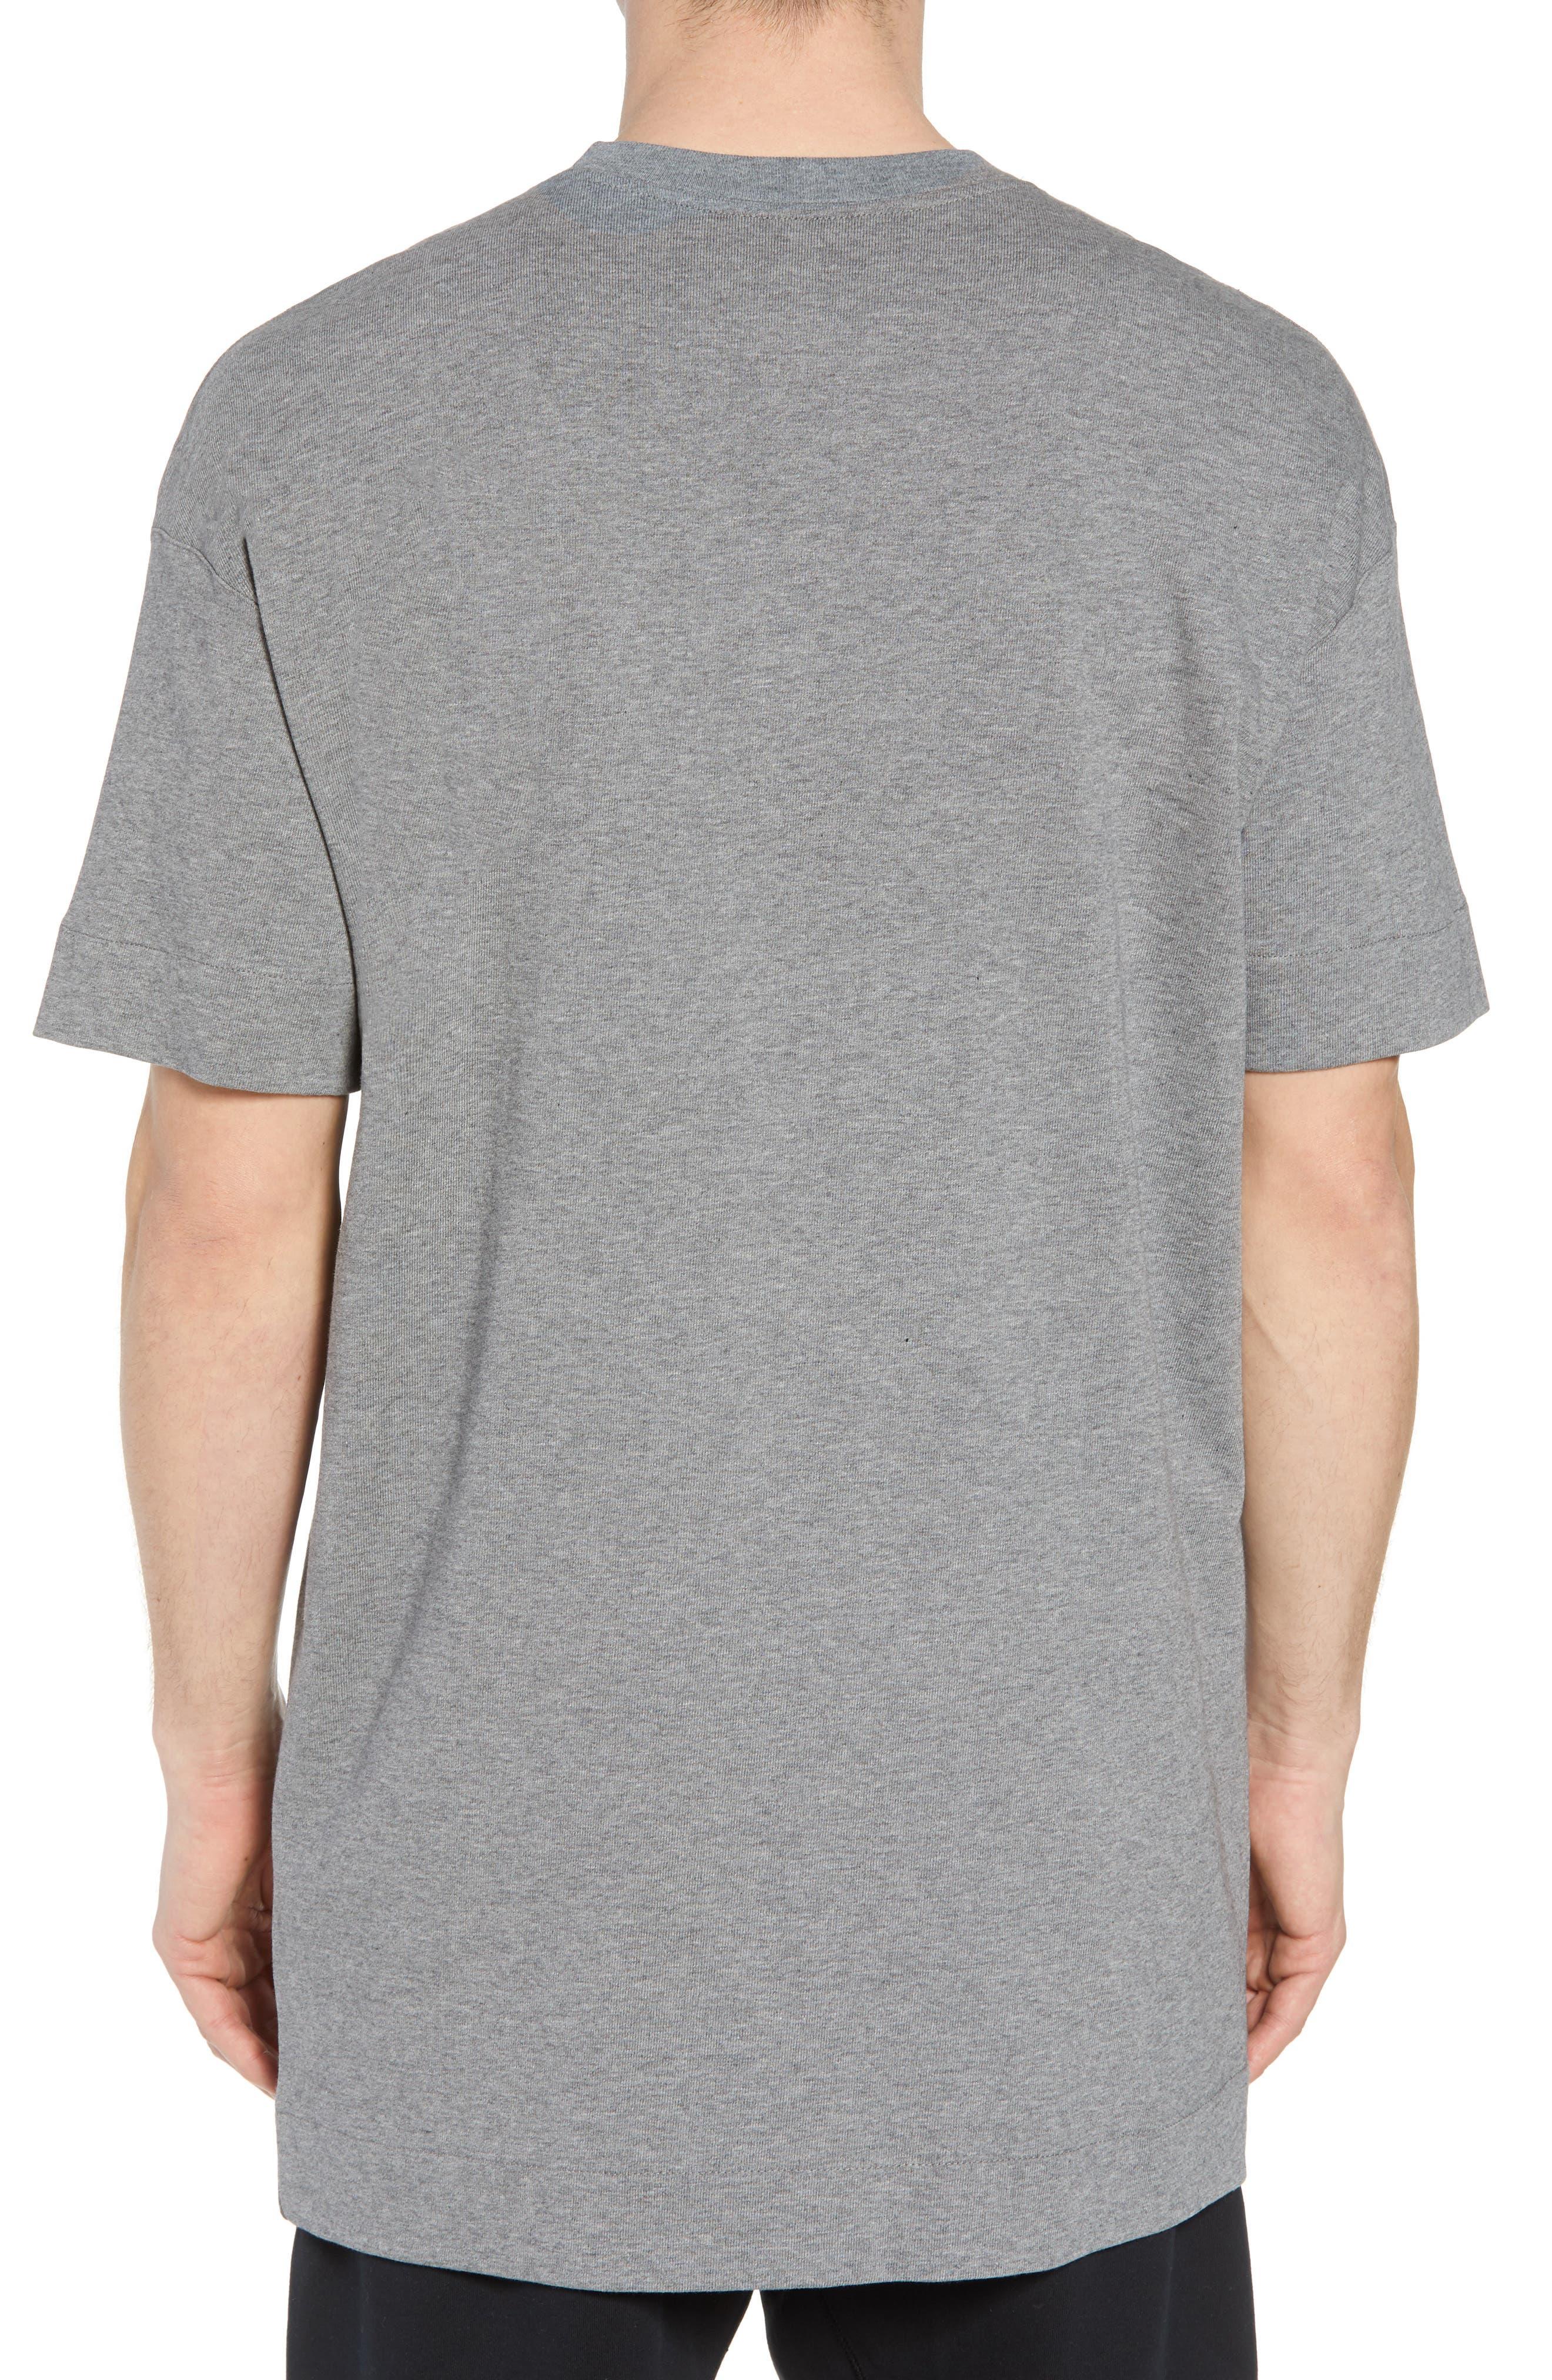 Sportswear NSW Appliqué T-Shirt,                             Alternate thumbnail 2, color,                             CARBON HEATHER